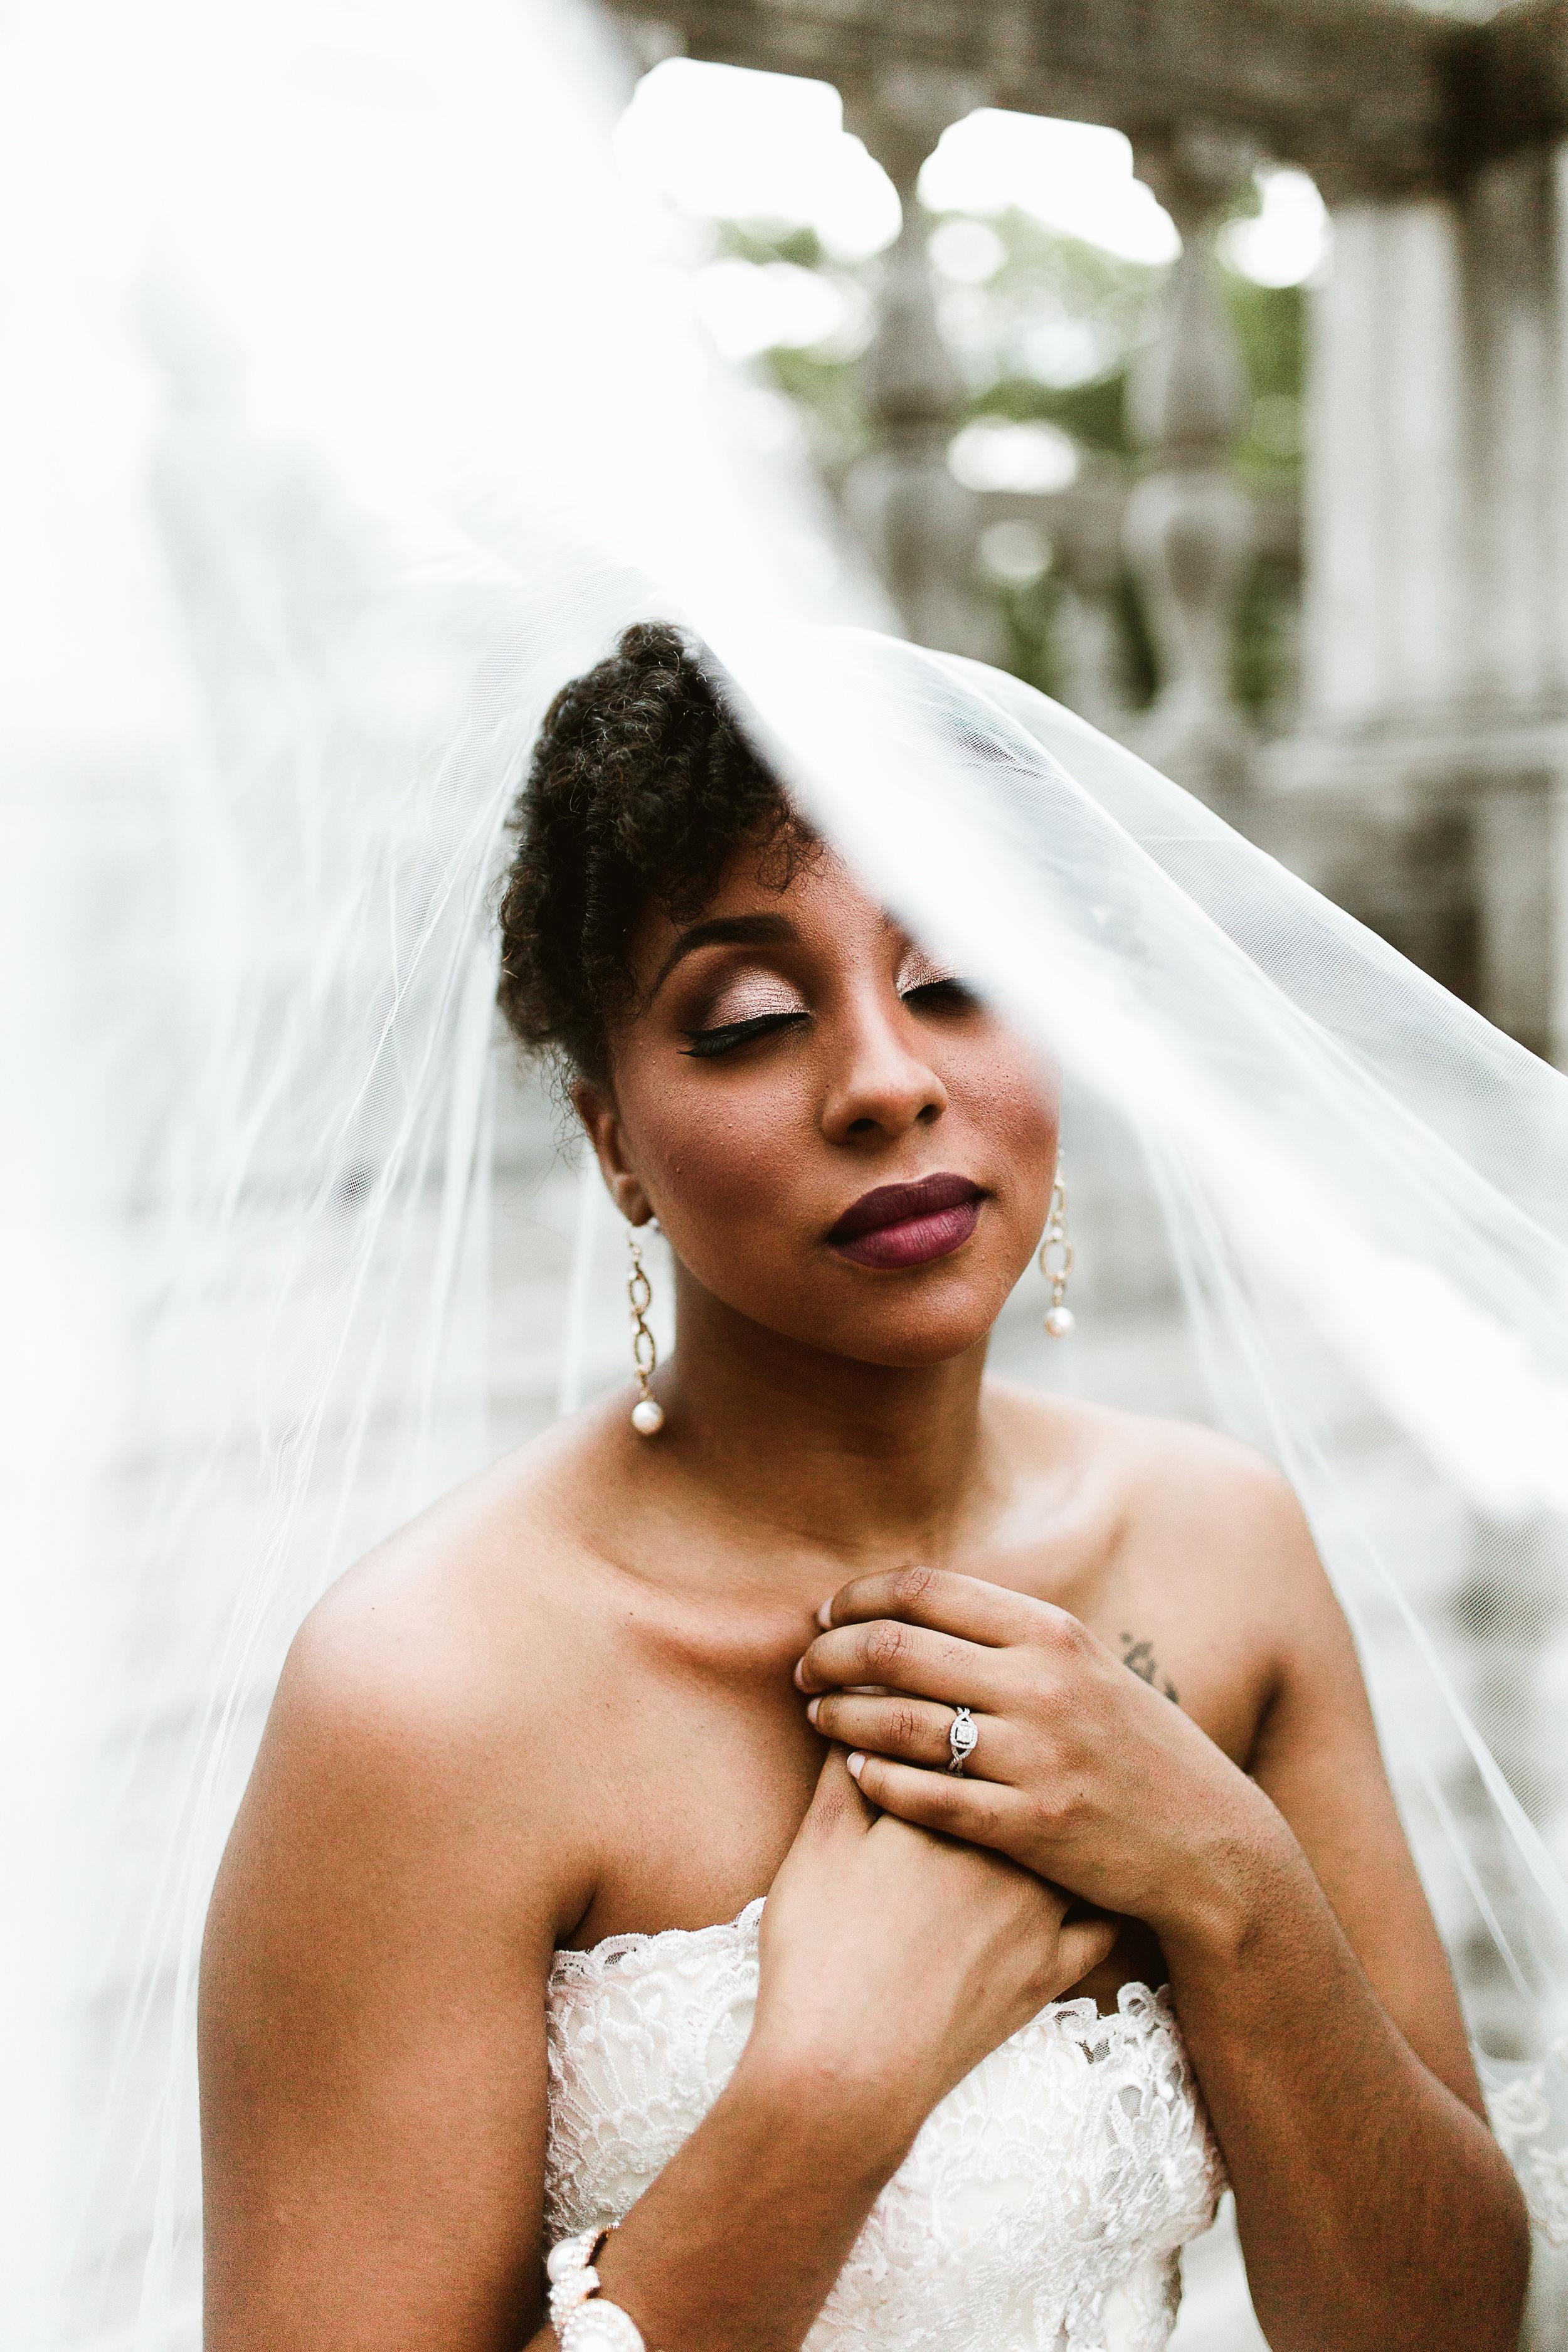 memphis-tennessee-bridal-makeup-artist (15).JPG